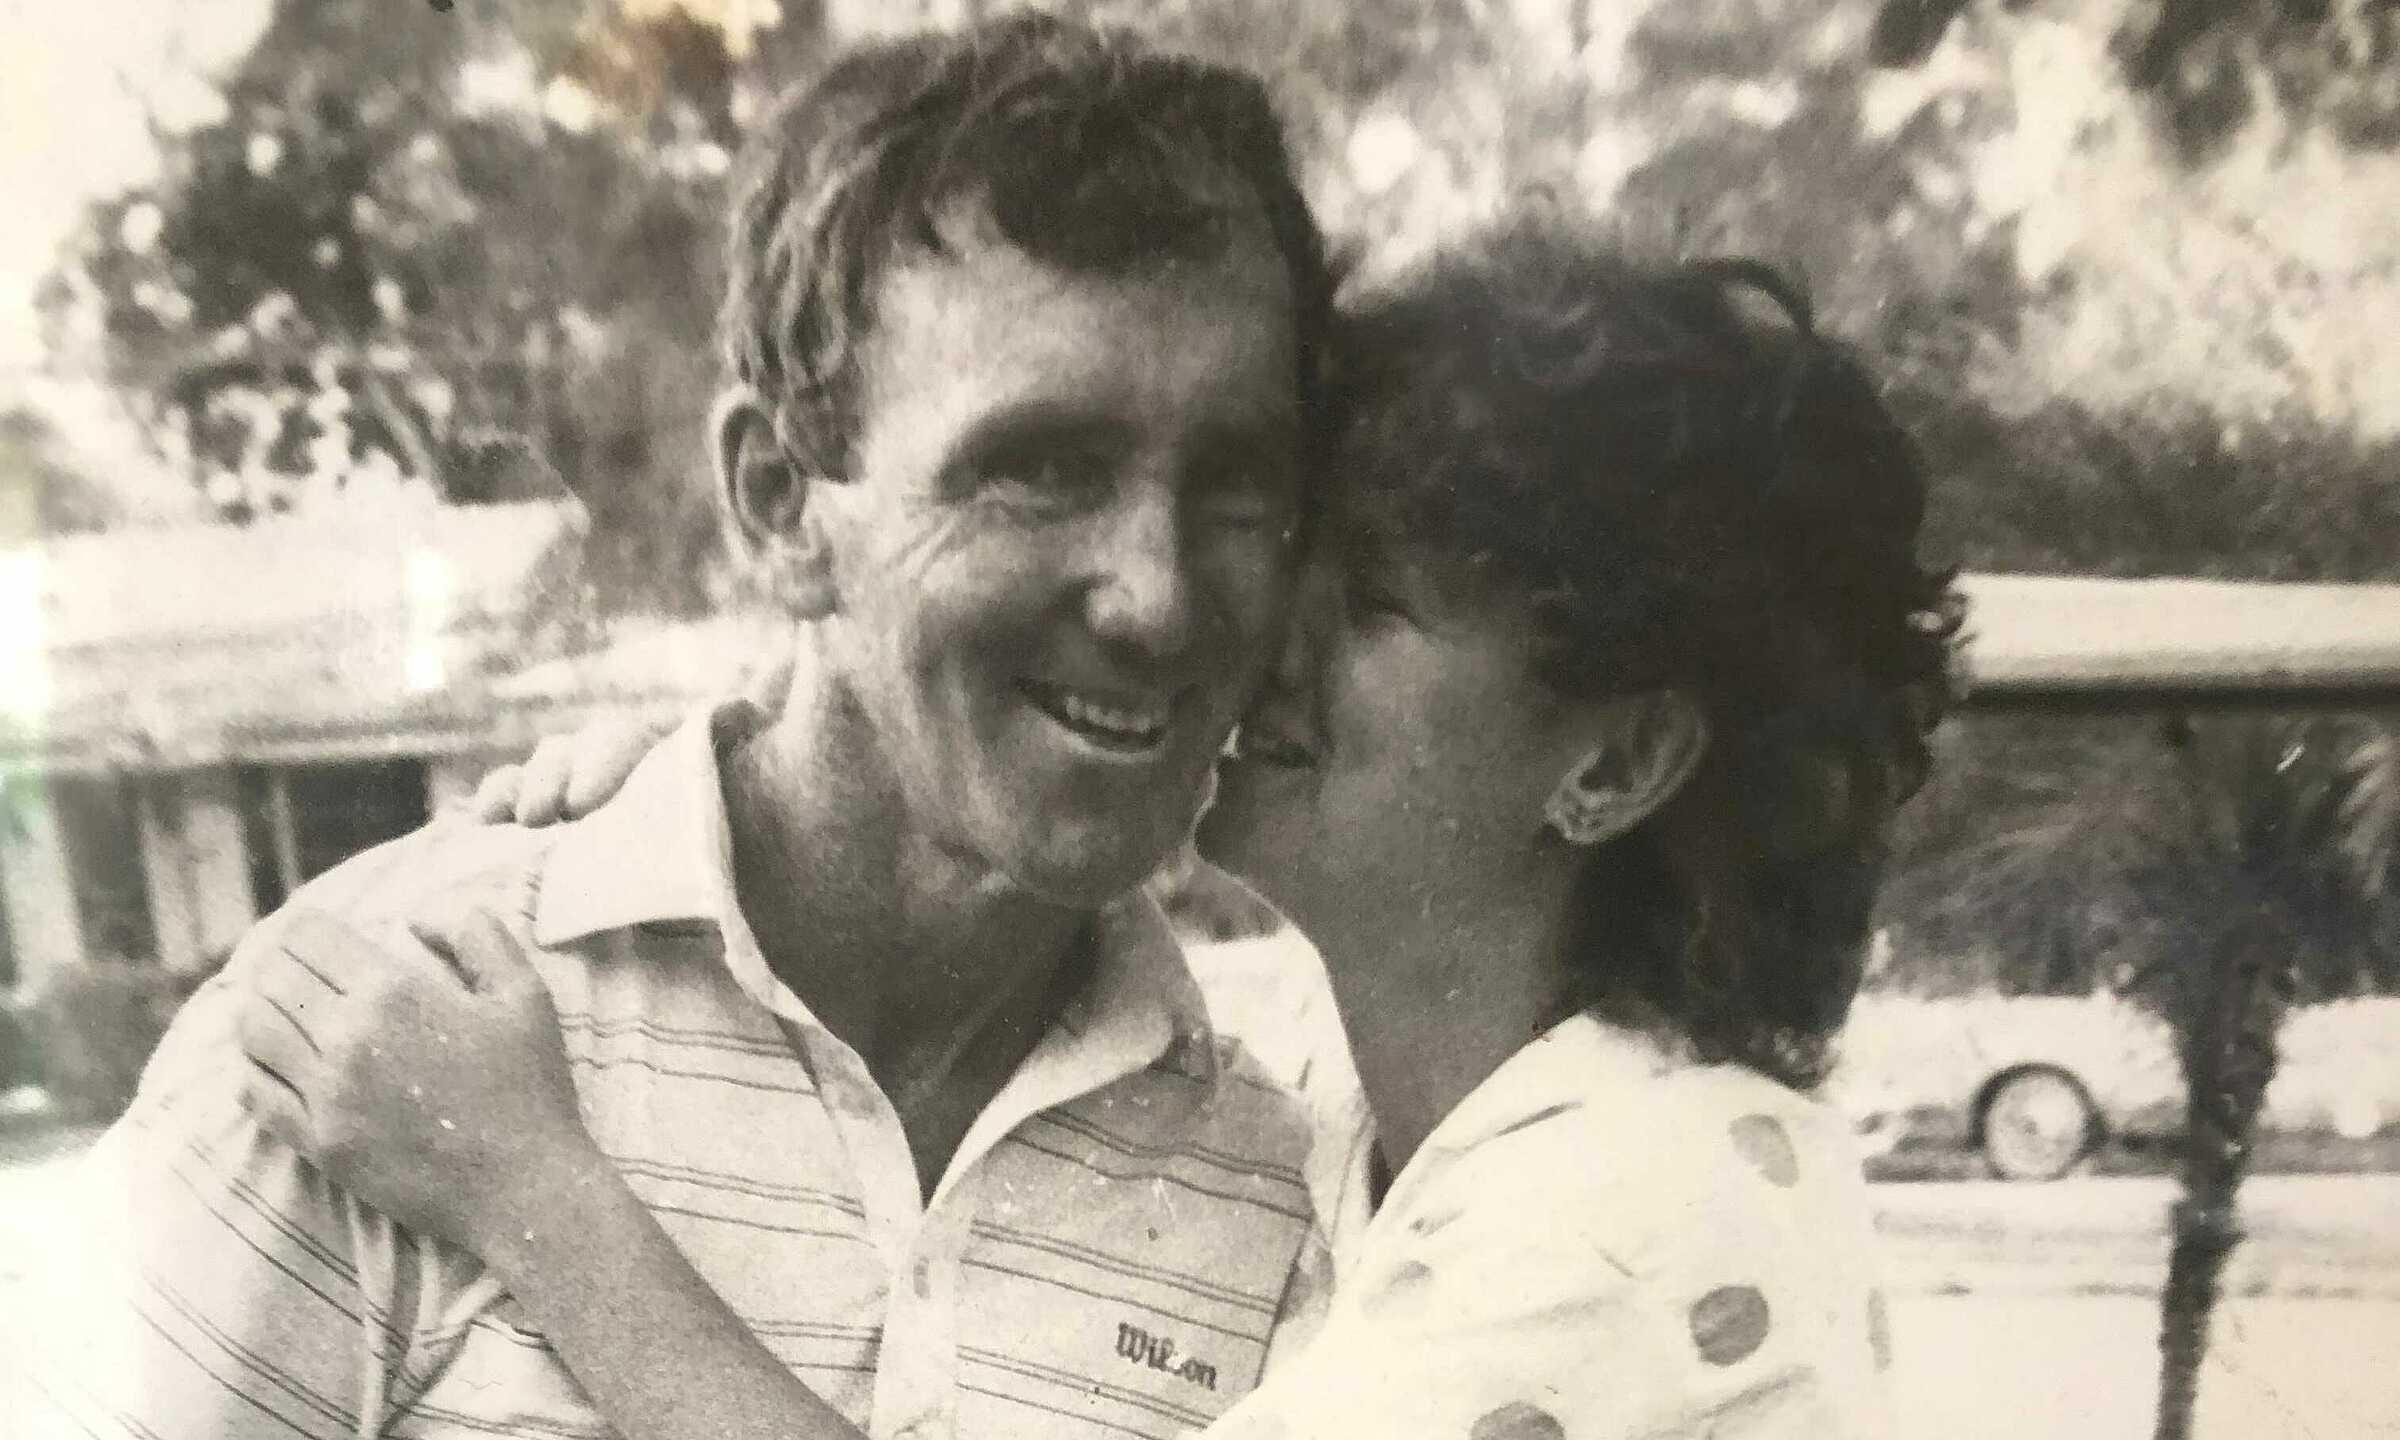 Jim King thời còn thi đấu ở PGA Tour. Ảnh: Gia đình cung cấp